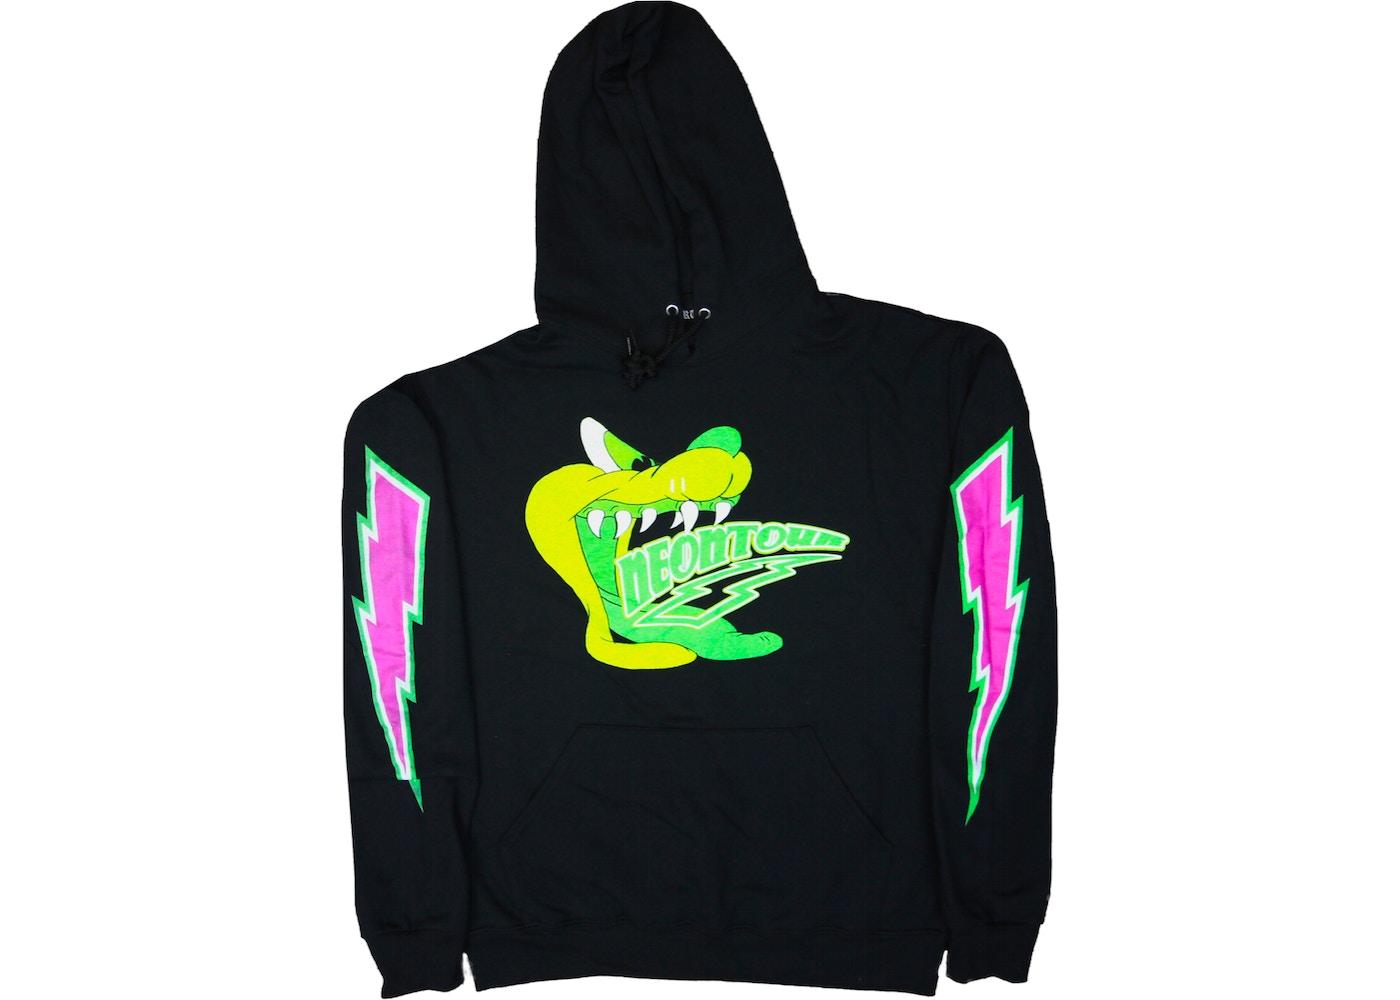 d13bd905 Buy & Sell Artist Merch Streetwear